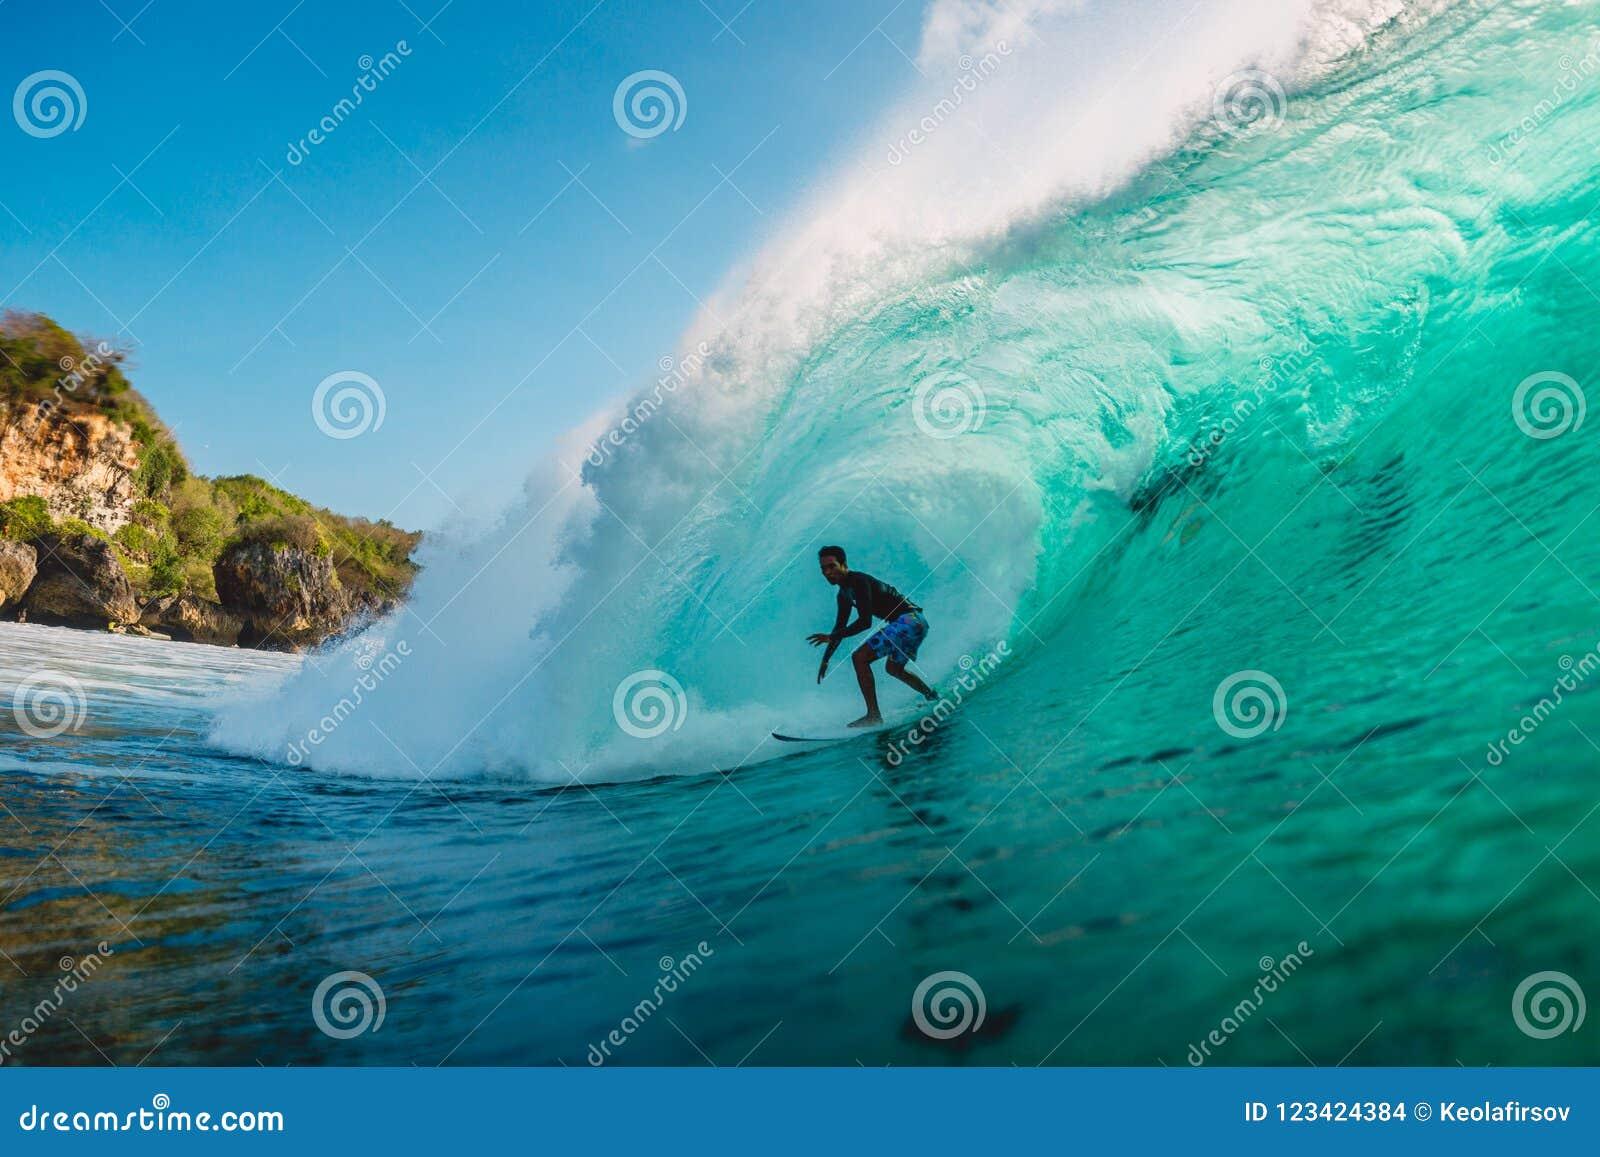 29 DE JULHO DE 2018 Bali, Indonésia Passeio do surfista na onda do tambor Surfar profissional no oceano em ondas grandes